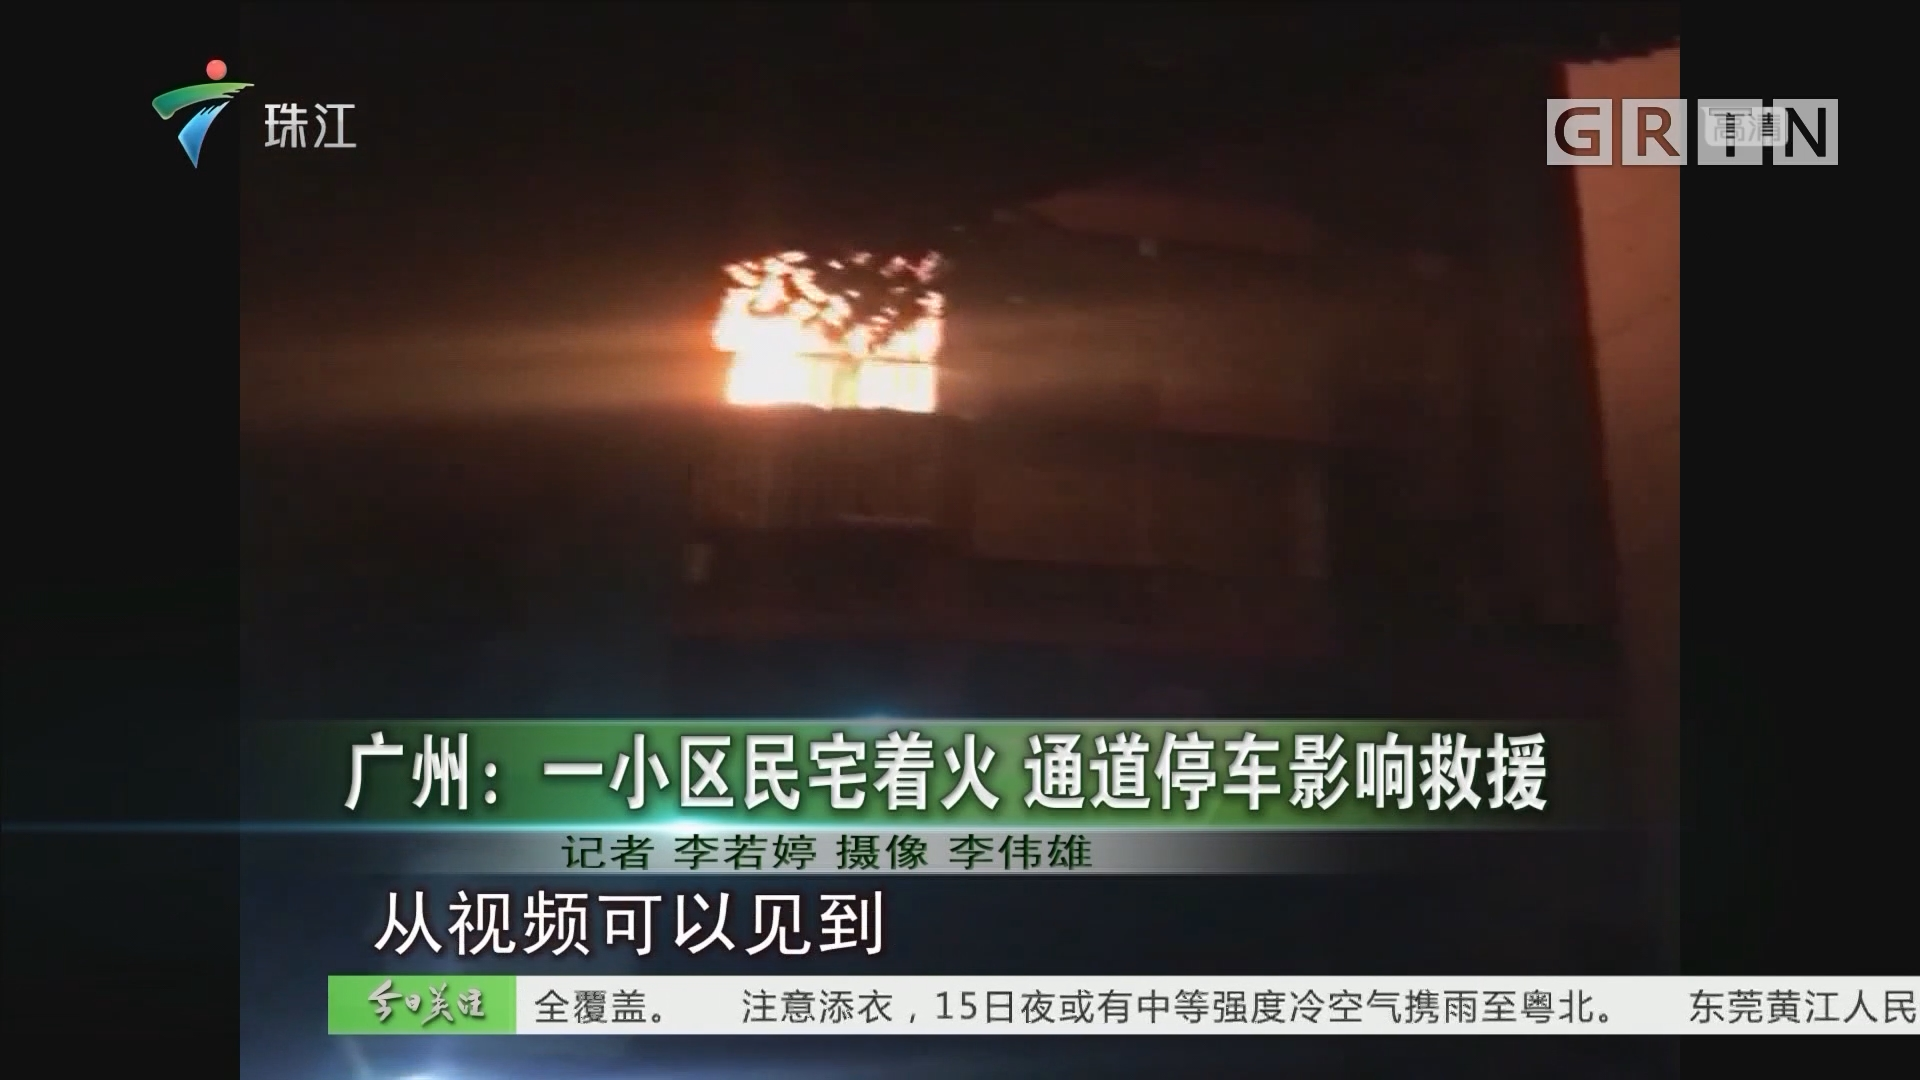 广州:一小区民宅着火 通道停车影响救援